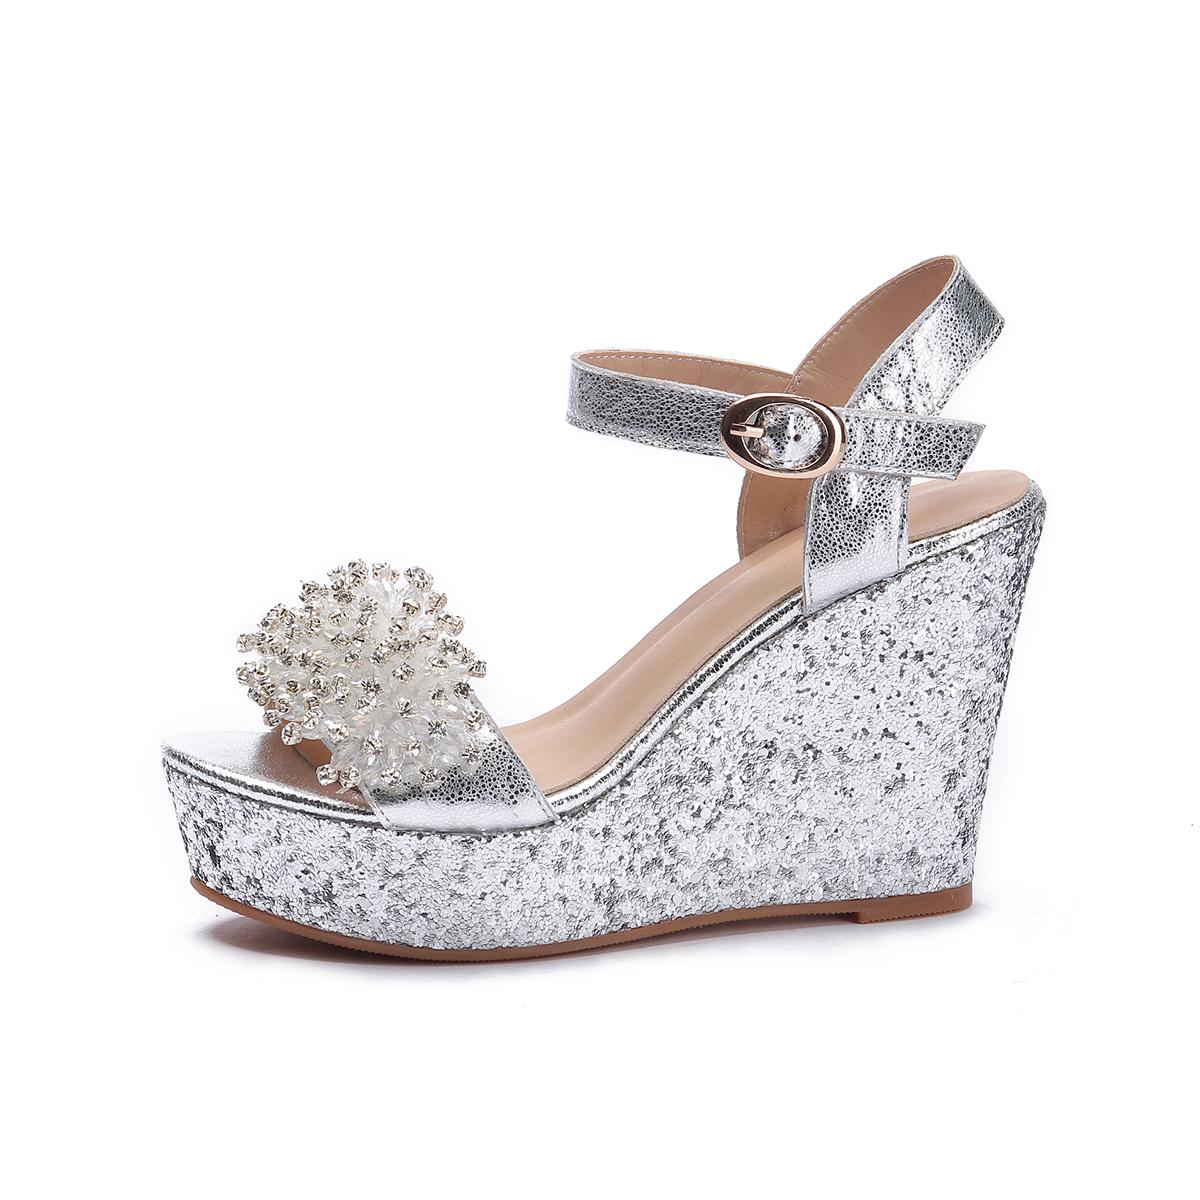 US  60 - Arden Furtado 2018 summer high heels platform wedges crystal  rhinestone flowers silver fashion buckle sandals shoes for woman -  www.ardenfurtado. ... fb765566b4ad